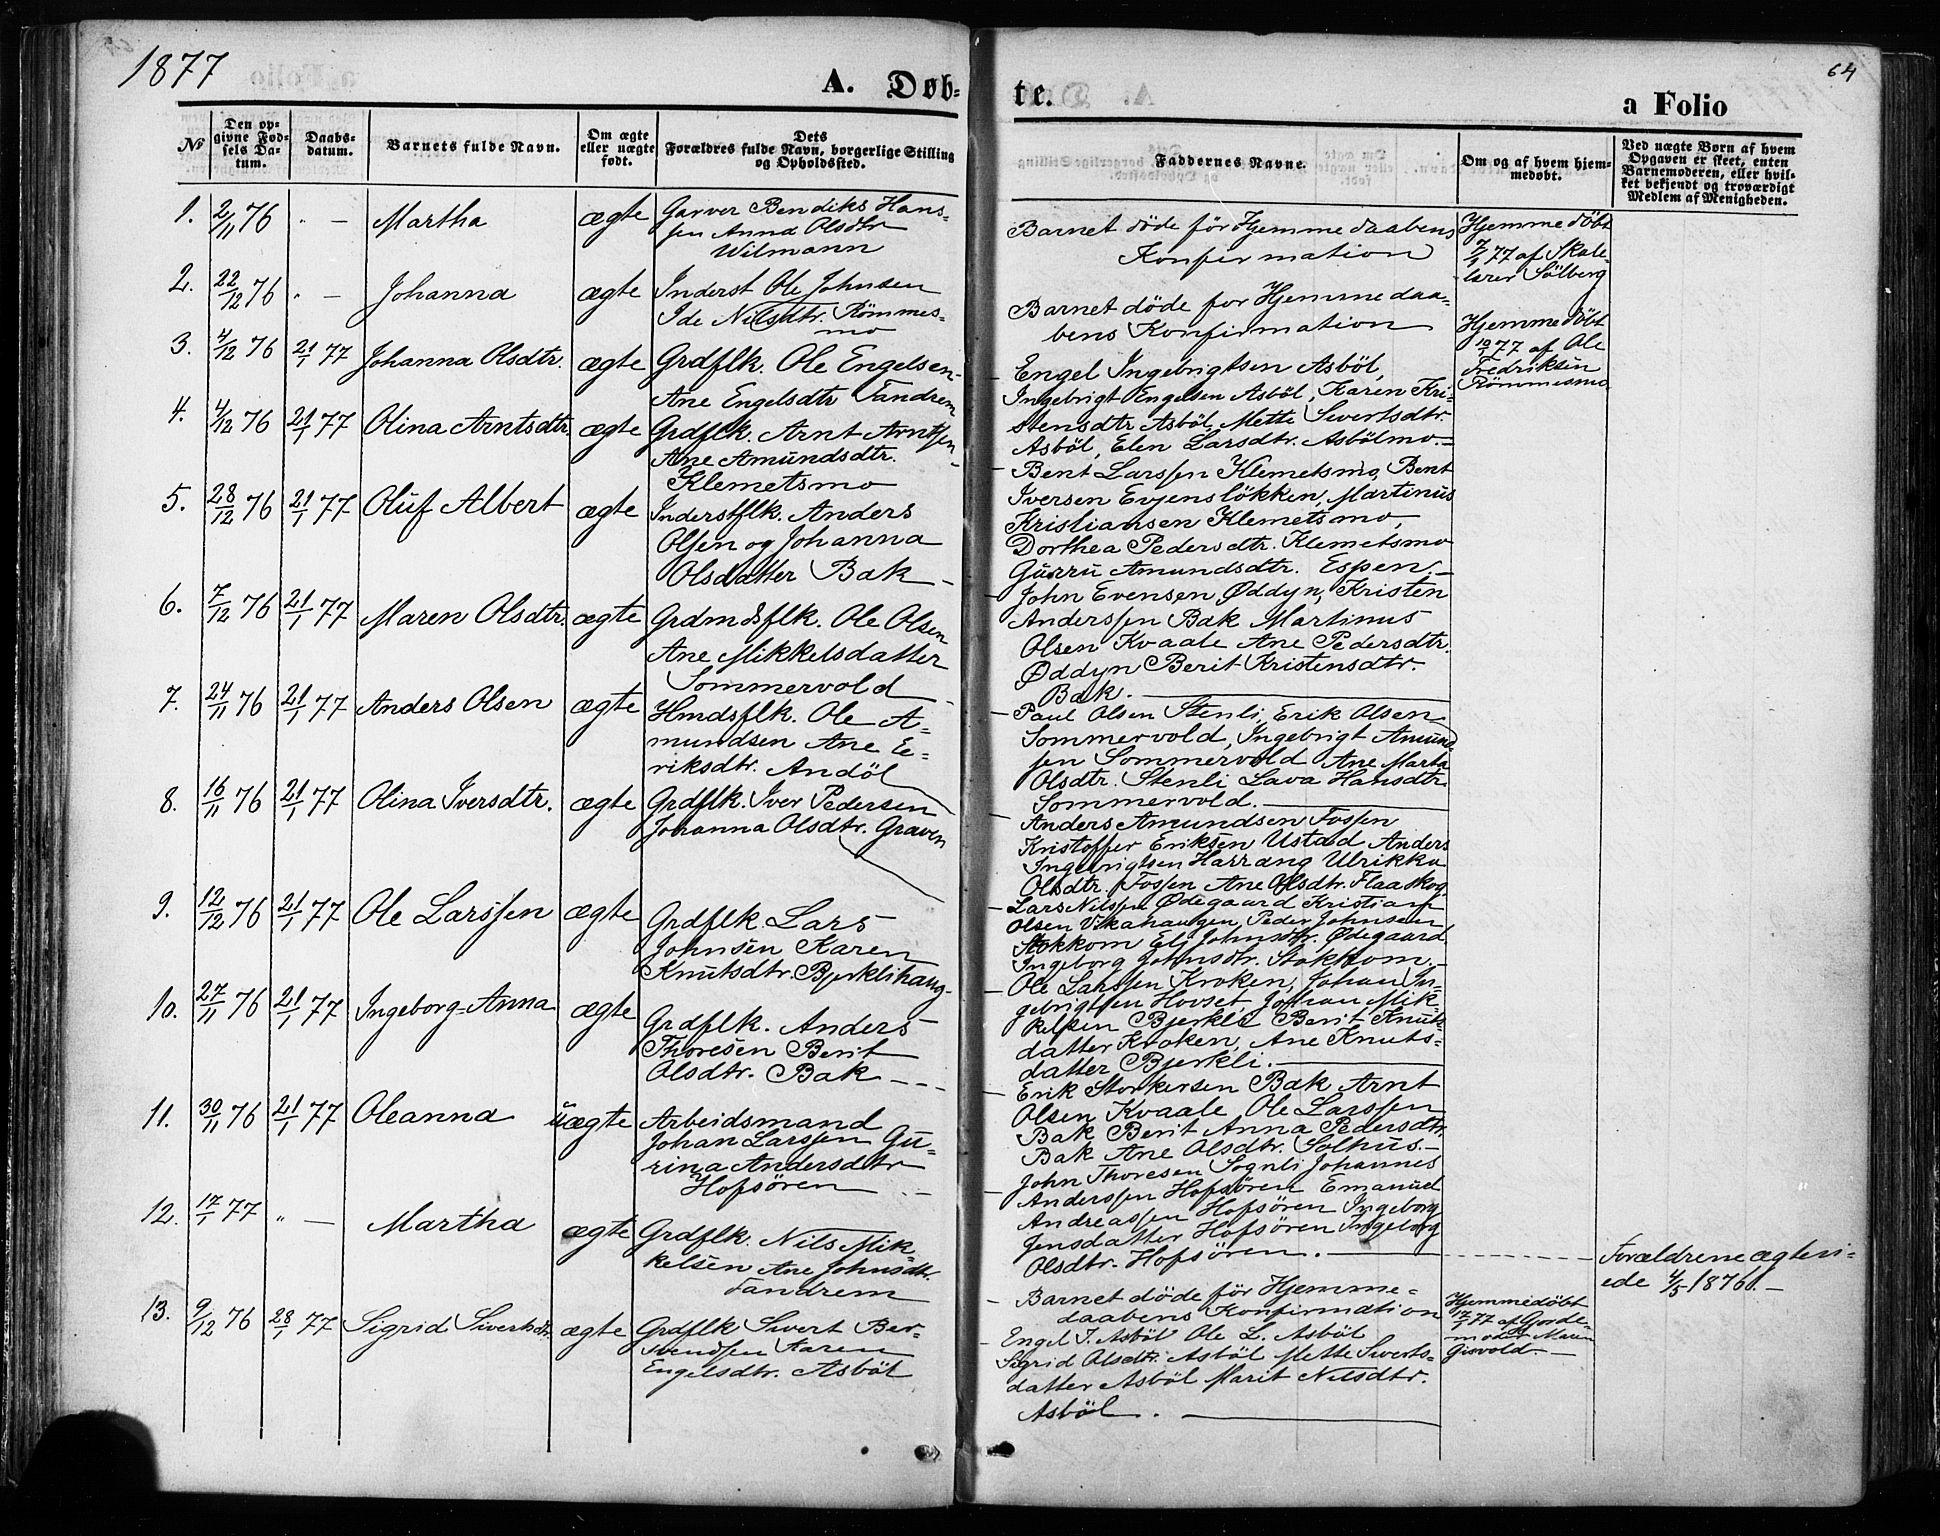 SAT, Ministerialprotokoller, klokkerbøker og fødselsregistre - Sør-Trøndelag, 668/L0807: Ministerialbok nr. 668A07, 1870-1880, s. 64